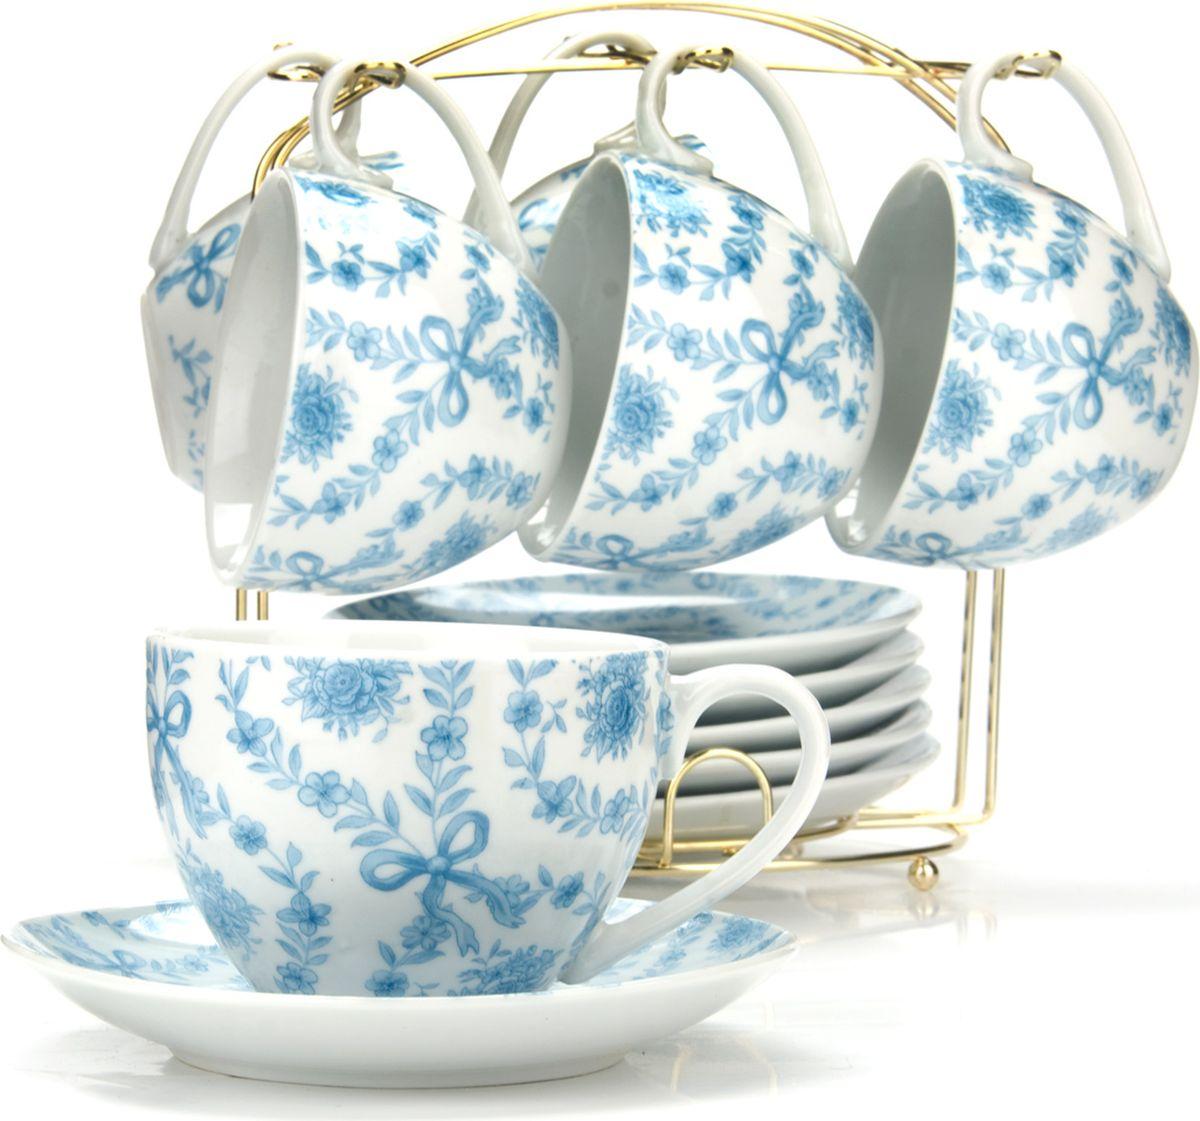 Чайный набор состоит из шести чашек, шести блюдец и металлической подставки золотого цвета. Предметы набора изготовлены из качественного фарфора и оформлены красочным цветным рисунком. Чайный набор идеально подойдет для сервировки стола и станет отличным подарком к любому празднику. Все изделия можно компактно хранить на подставке, входящей в набор. Подходит для мытья в посудомоечной машине.Диаметр чашки: 9 см.Высота чашки: 7 см.Объем чашки: 220 мл.Диаметр блюдца: 14 см.